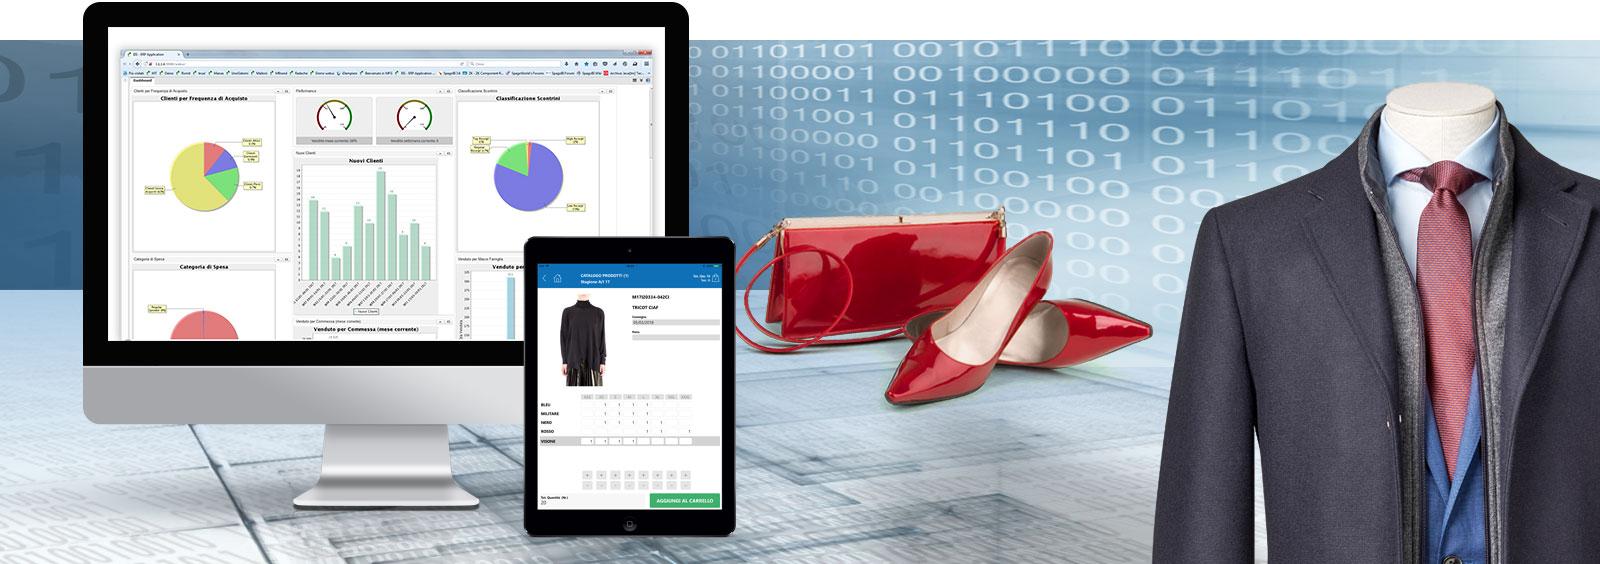 Uno Sistemi: software house specializzata in ERP